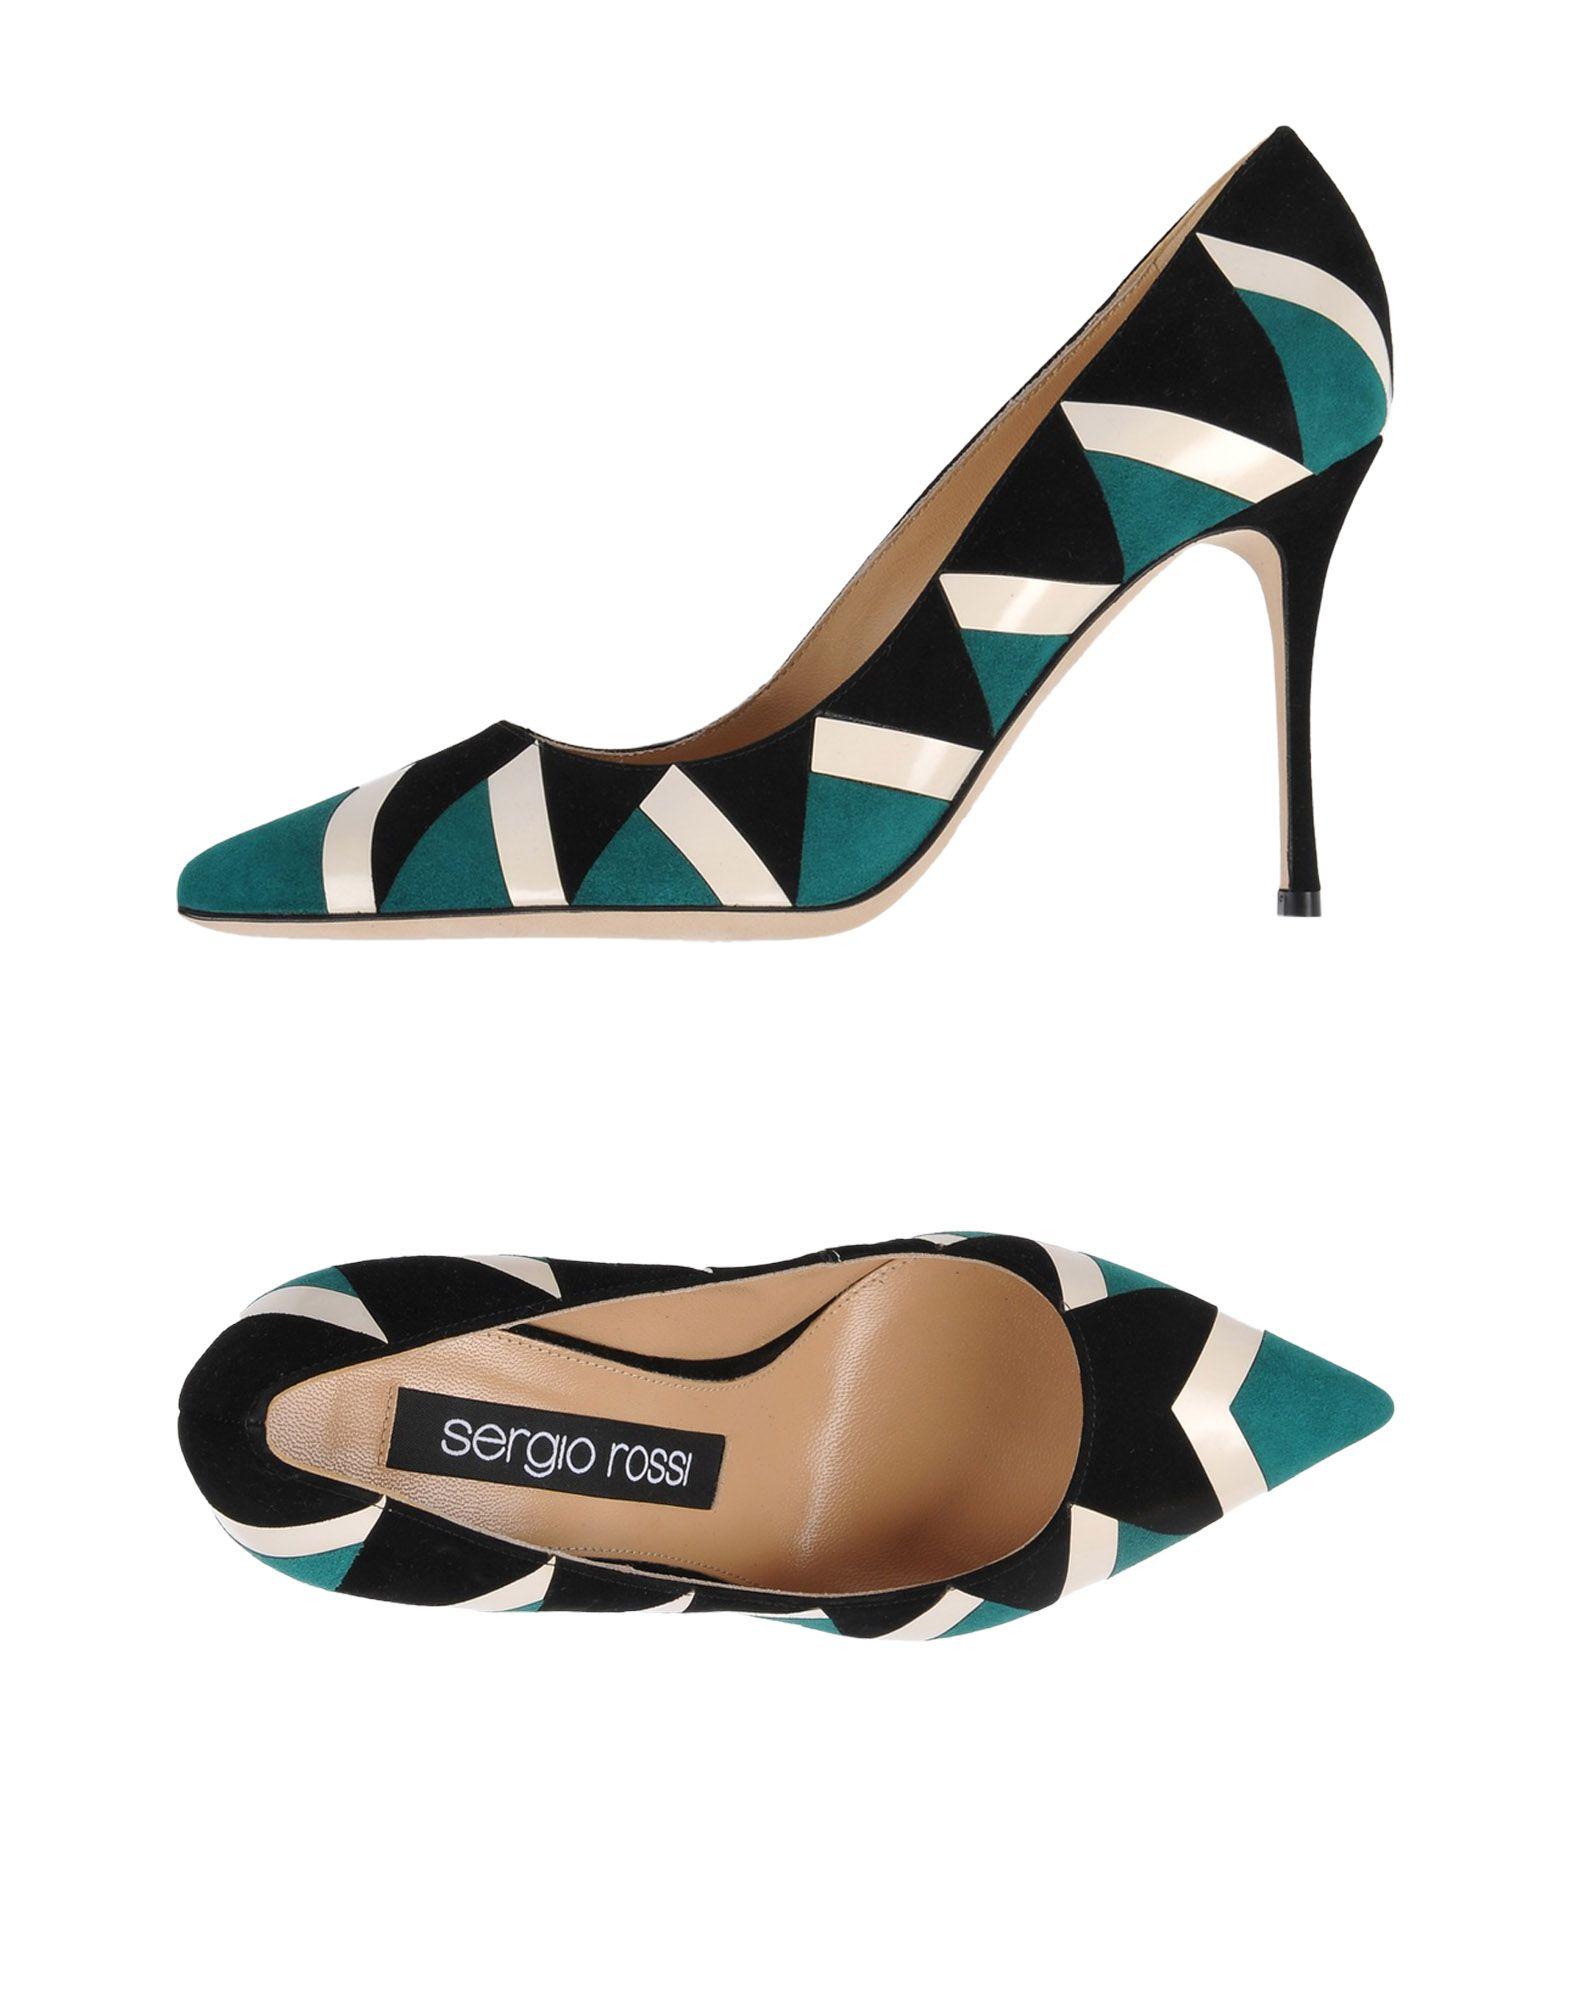 Descuento de Salón la marca Zapato De Salón de Sergio Rossi Mujer - Salones Sergio Rossi  Verde 903d83